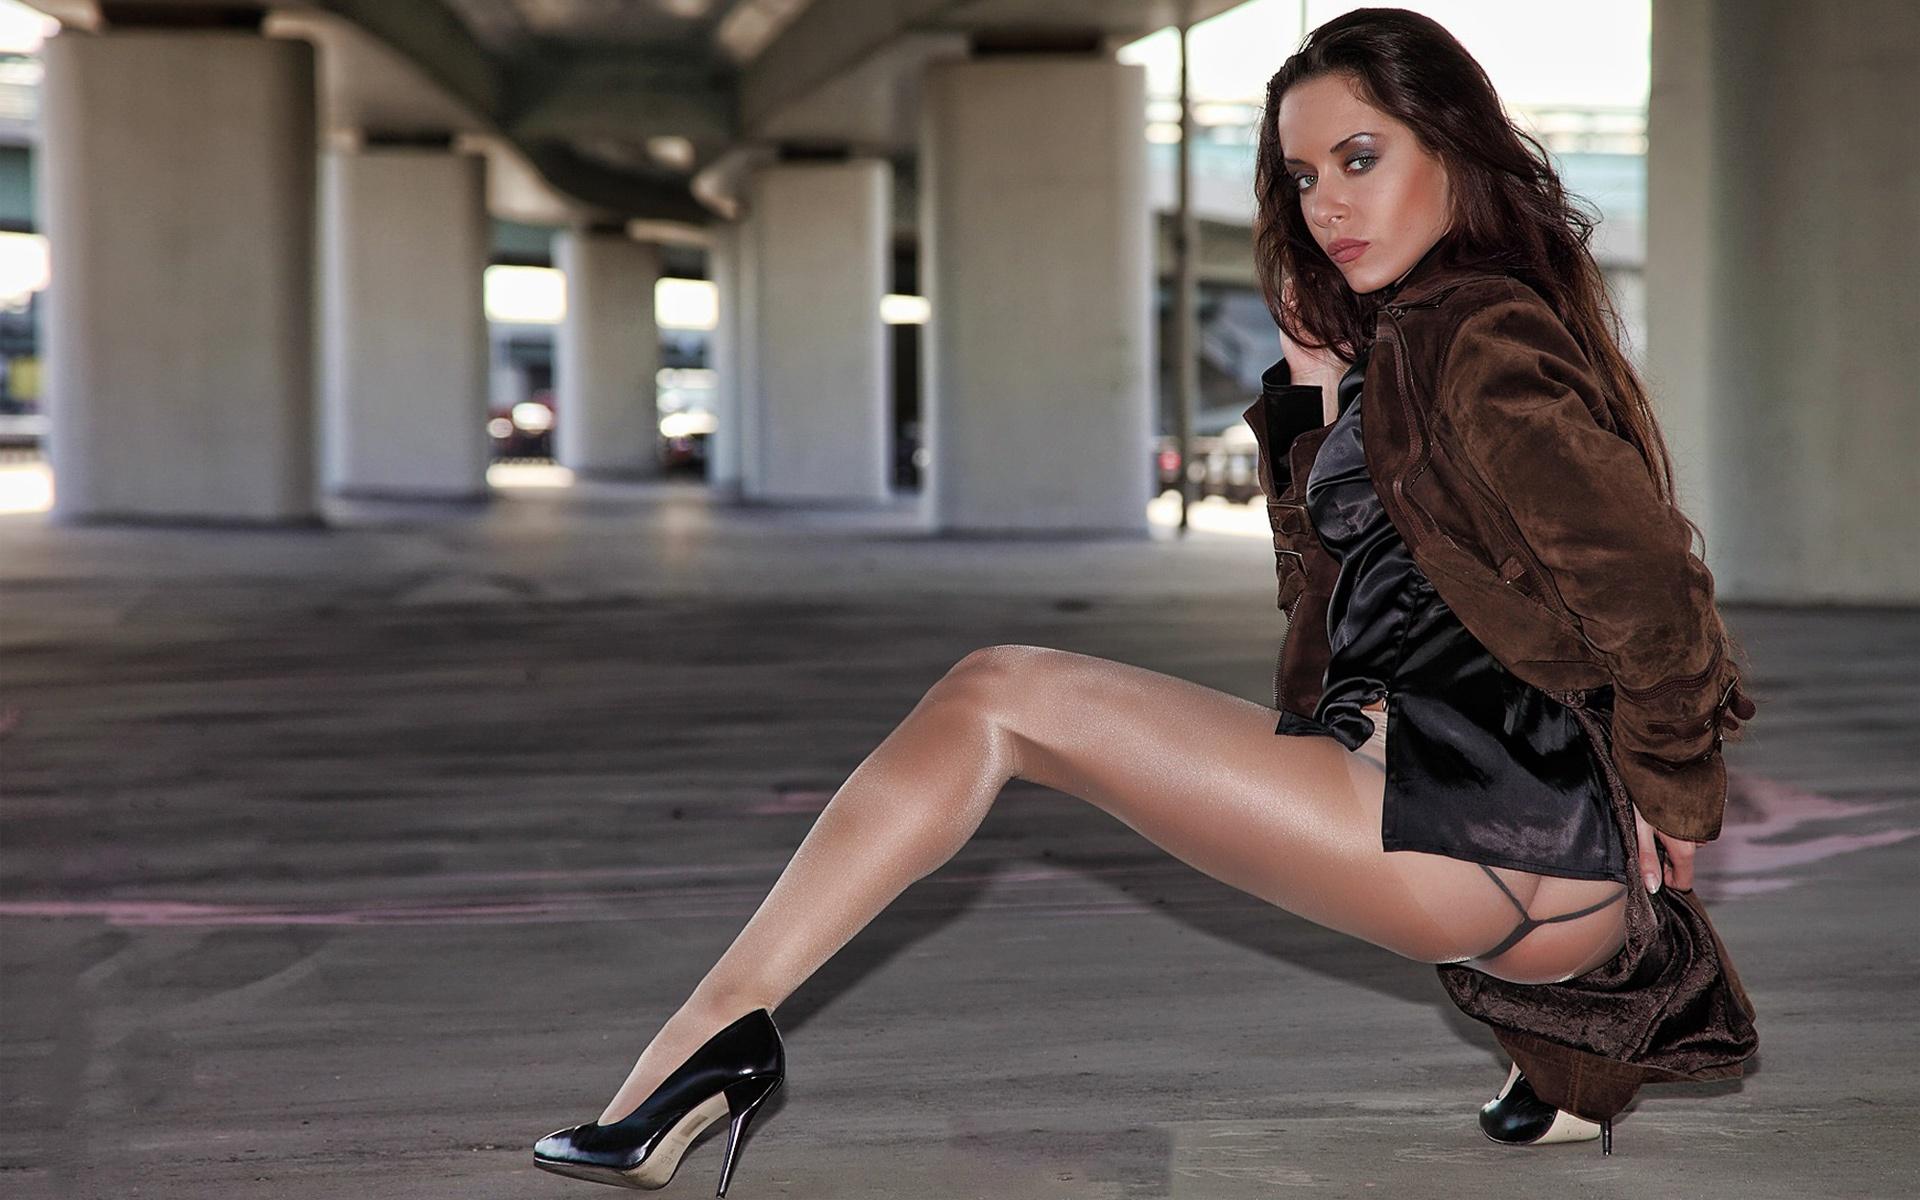 pantyhose-women-walking